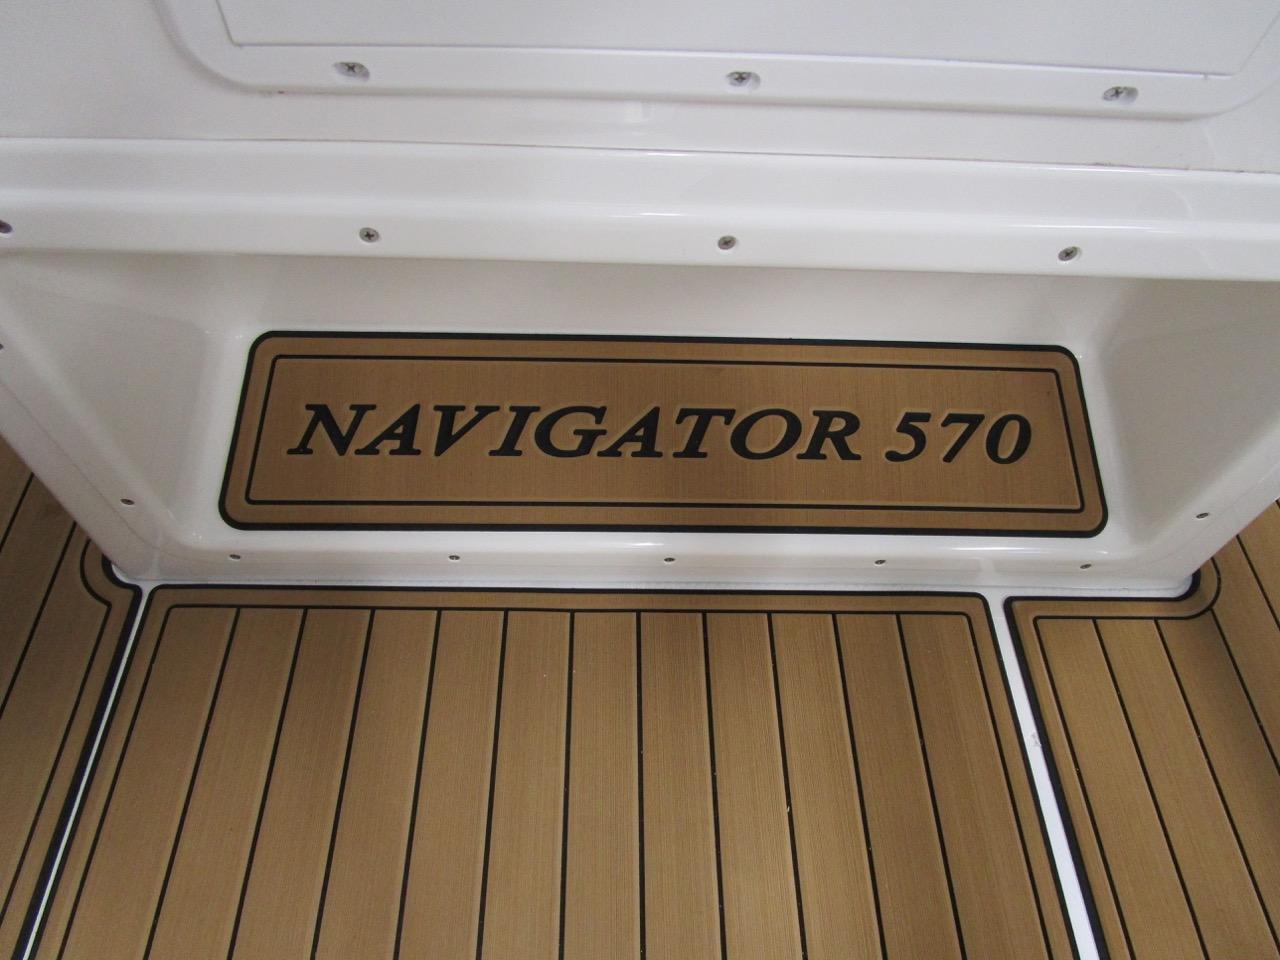 N570 Seadeck floor